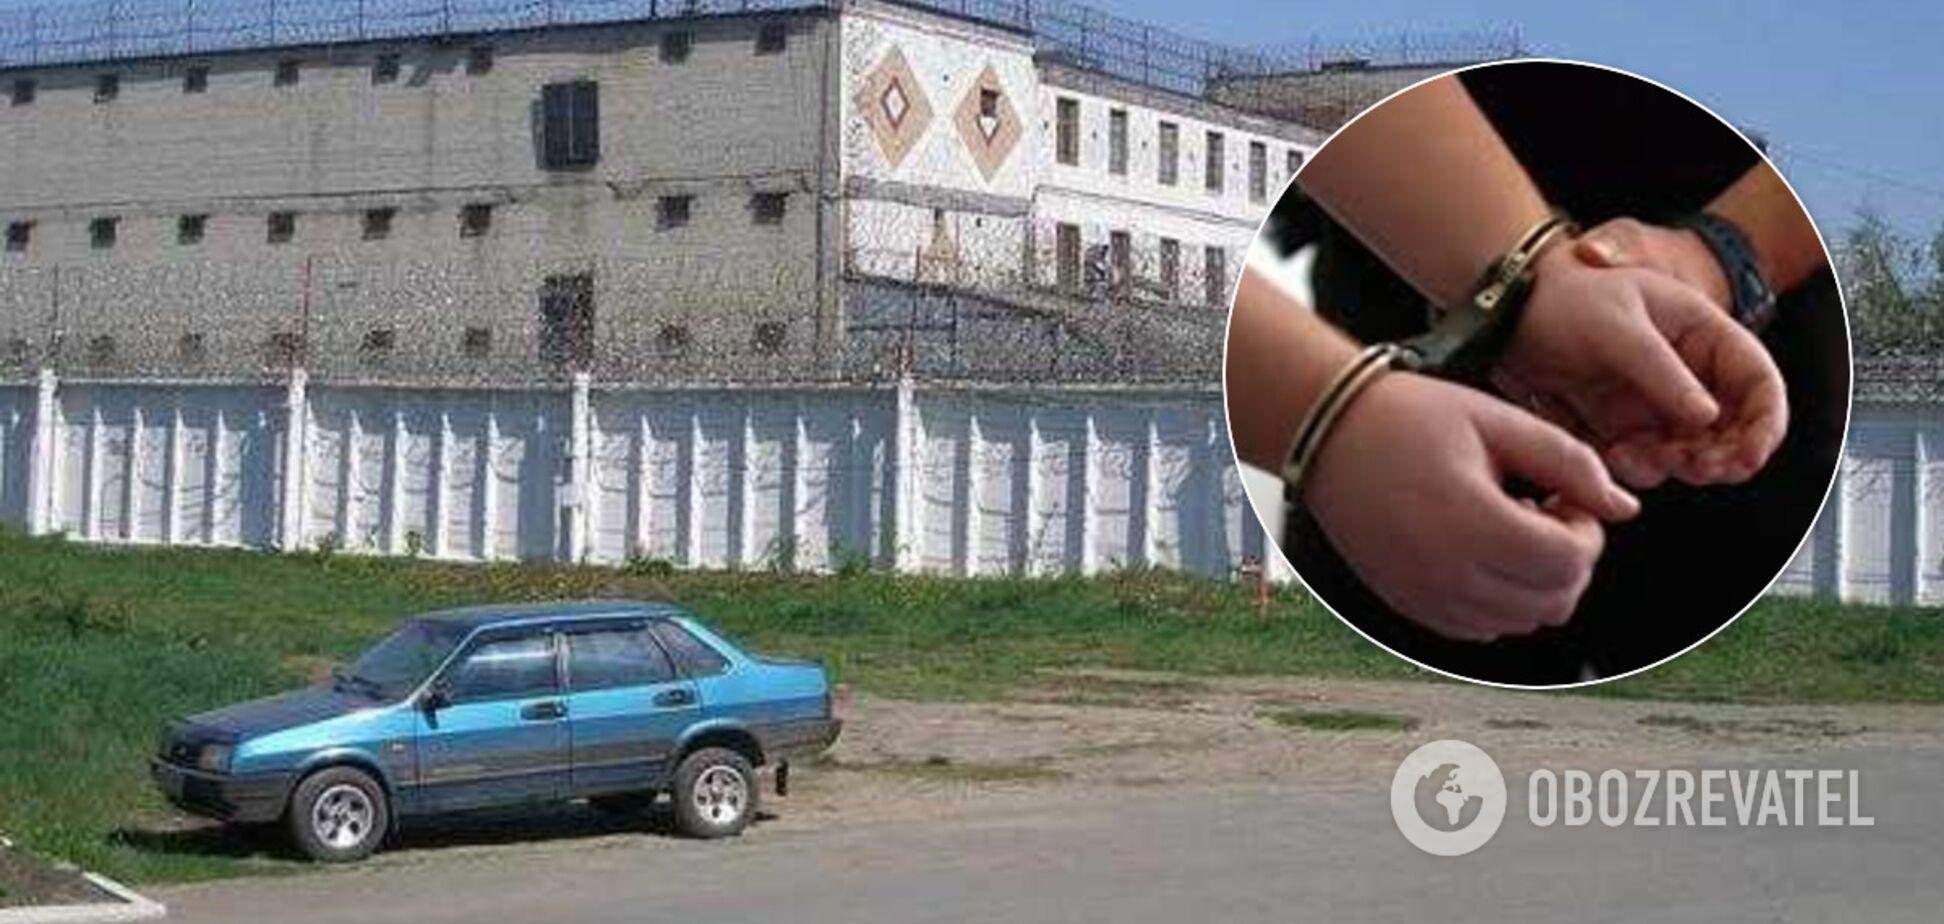 Насиловали и поджигали тело: осужденные рассказали о пытках в колонии под Харьковом